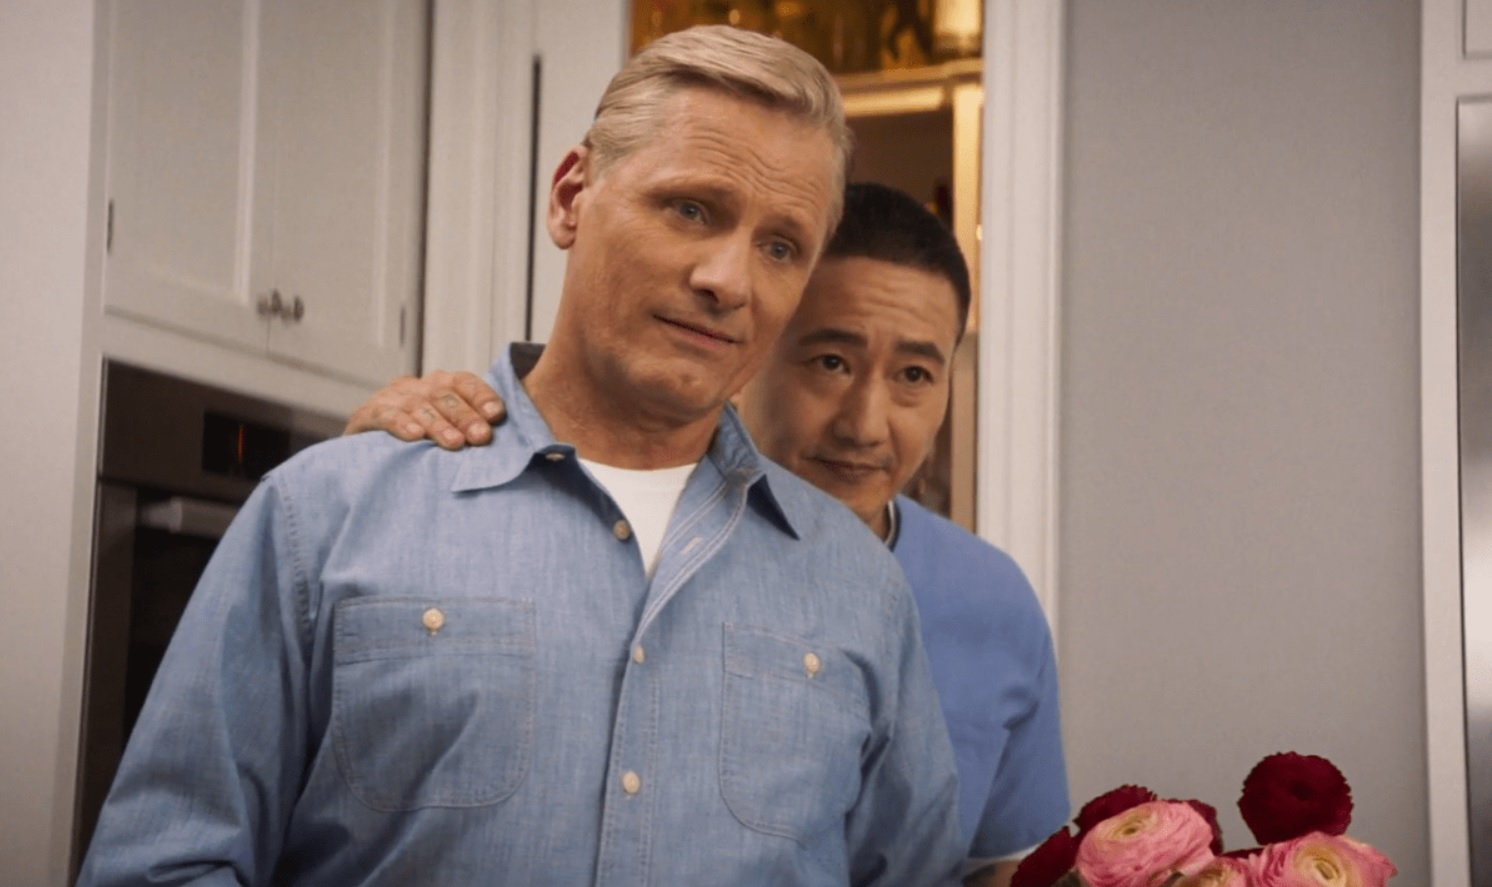 Cena do filme Ainda Há Tempo. Eric, um homem de pele amarela, está com a mão no ombro de John, seu marido, por trás. Eles estão na cozinha.